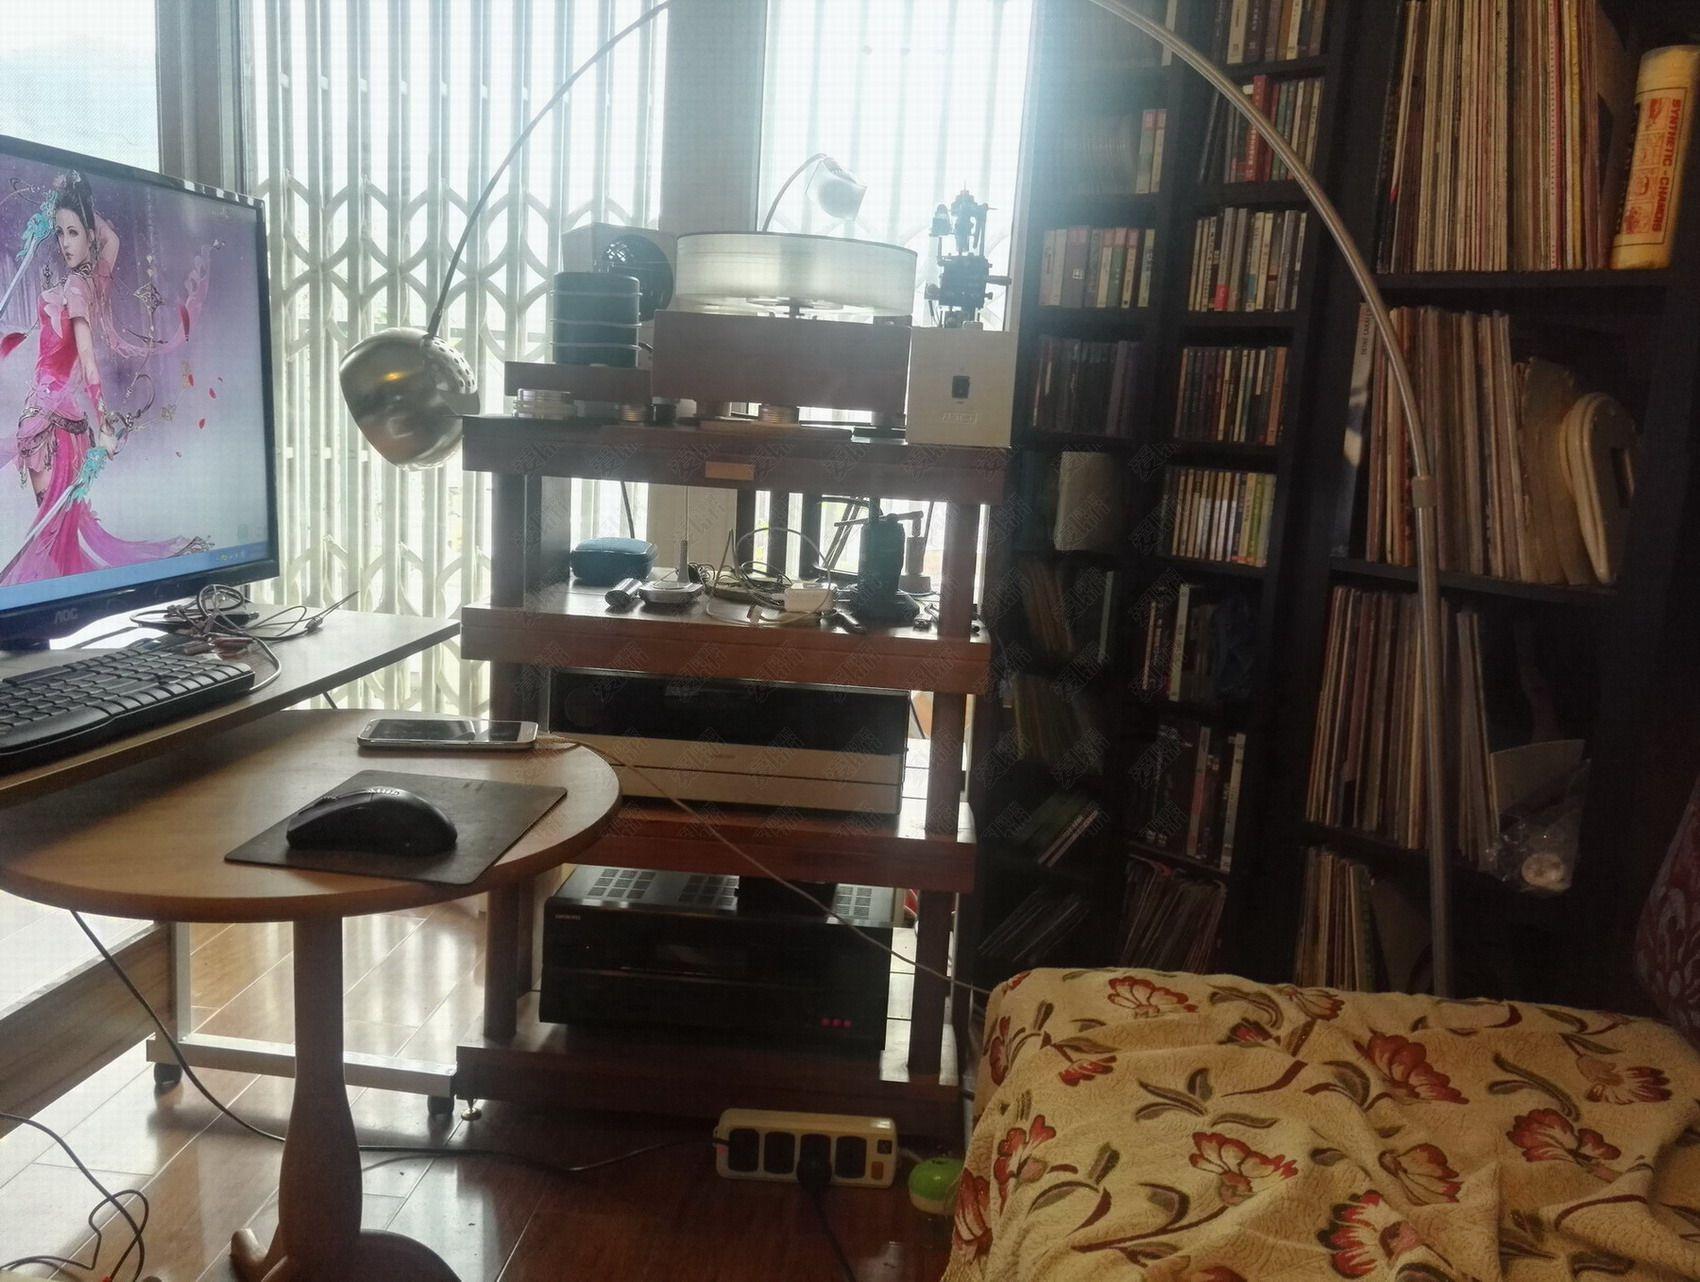 黑胶及家庭影院系统